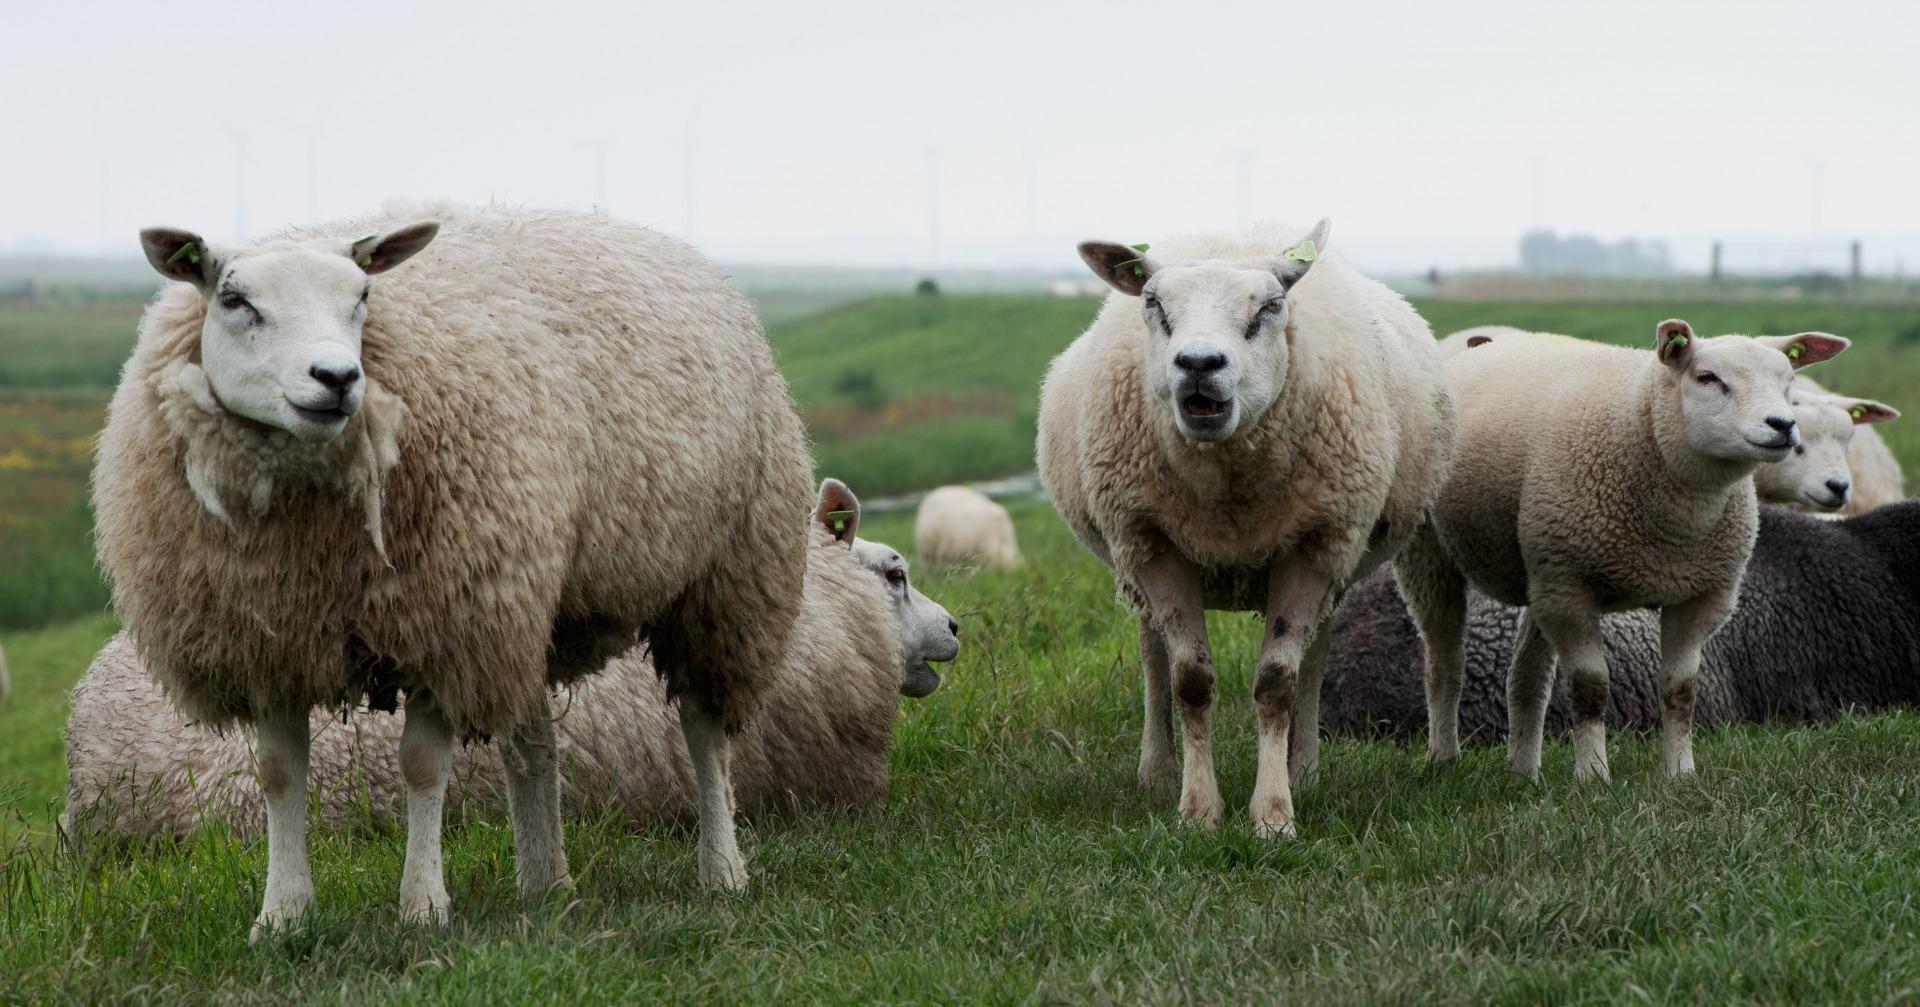 22-herbert-kwak-eemnessrer-schapen-a27039e82aa02511371304e7cf95a13810a03a08